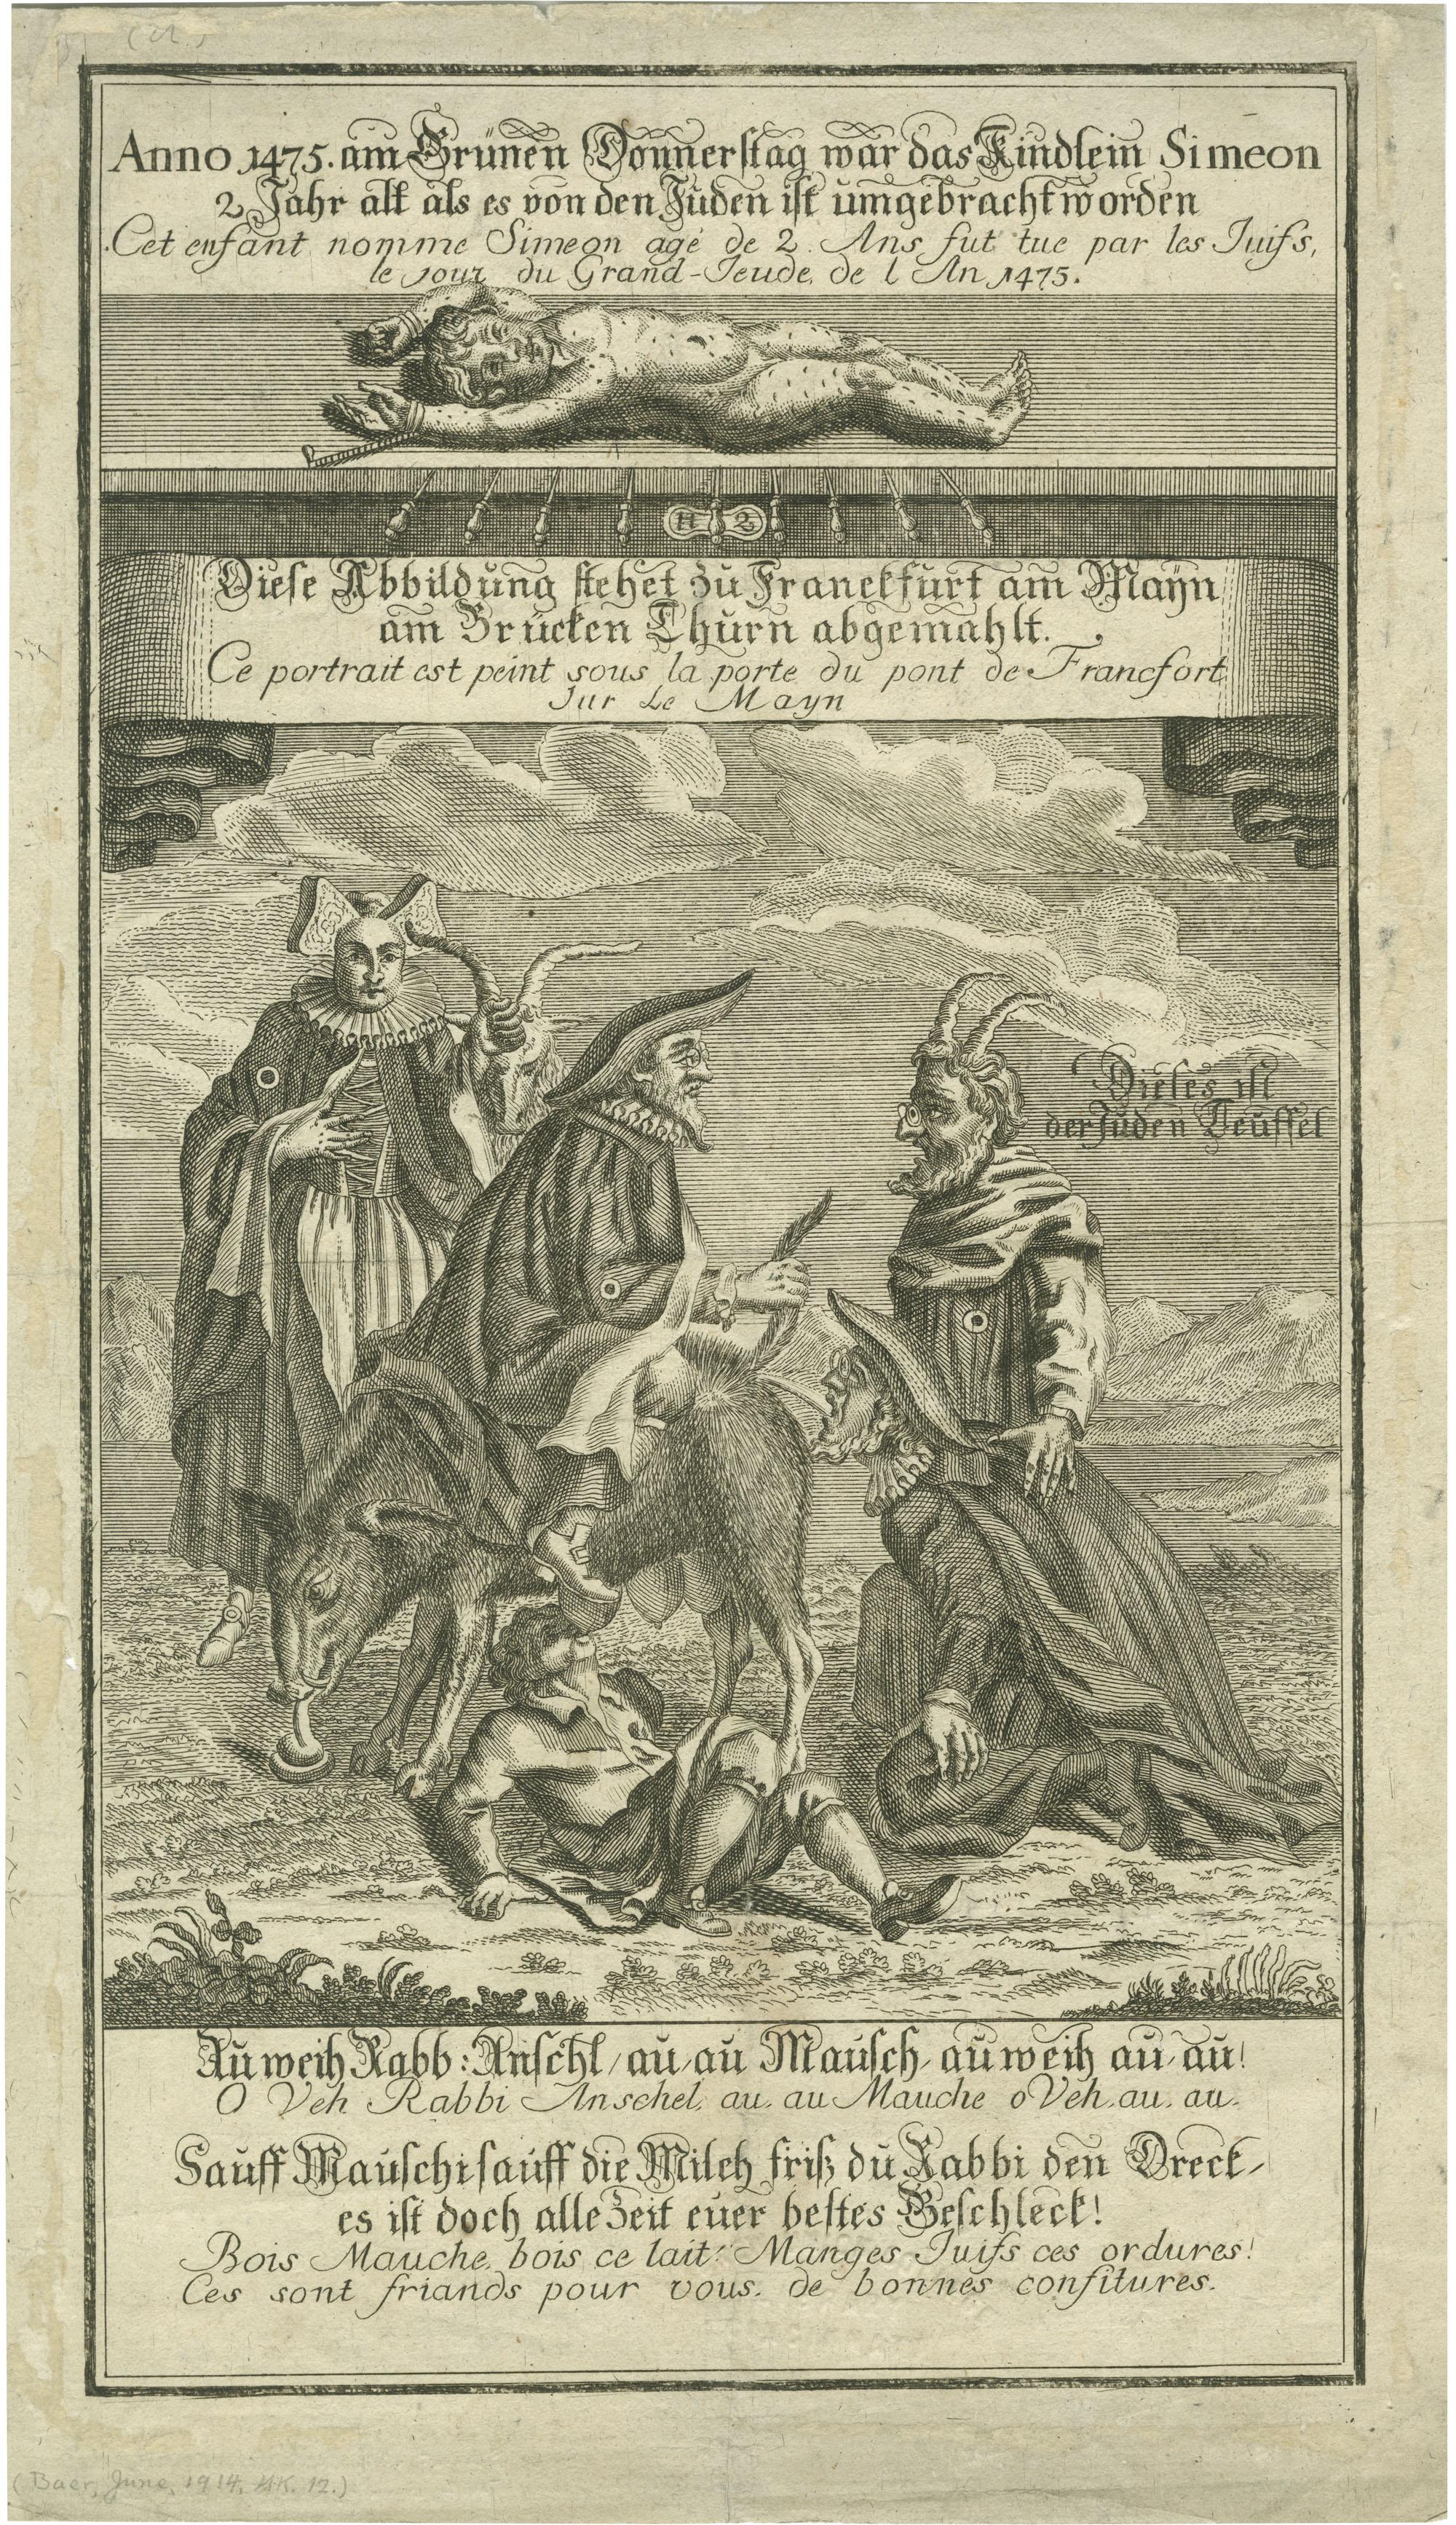 Anno 1475 am Grünen Donnerstag war das Kindlein Simeon 2 Jahr alt als es von den Juden ist umgebracht worden